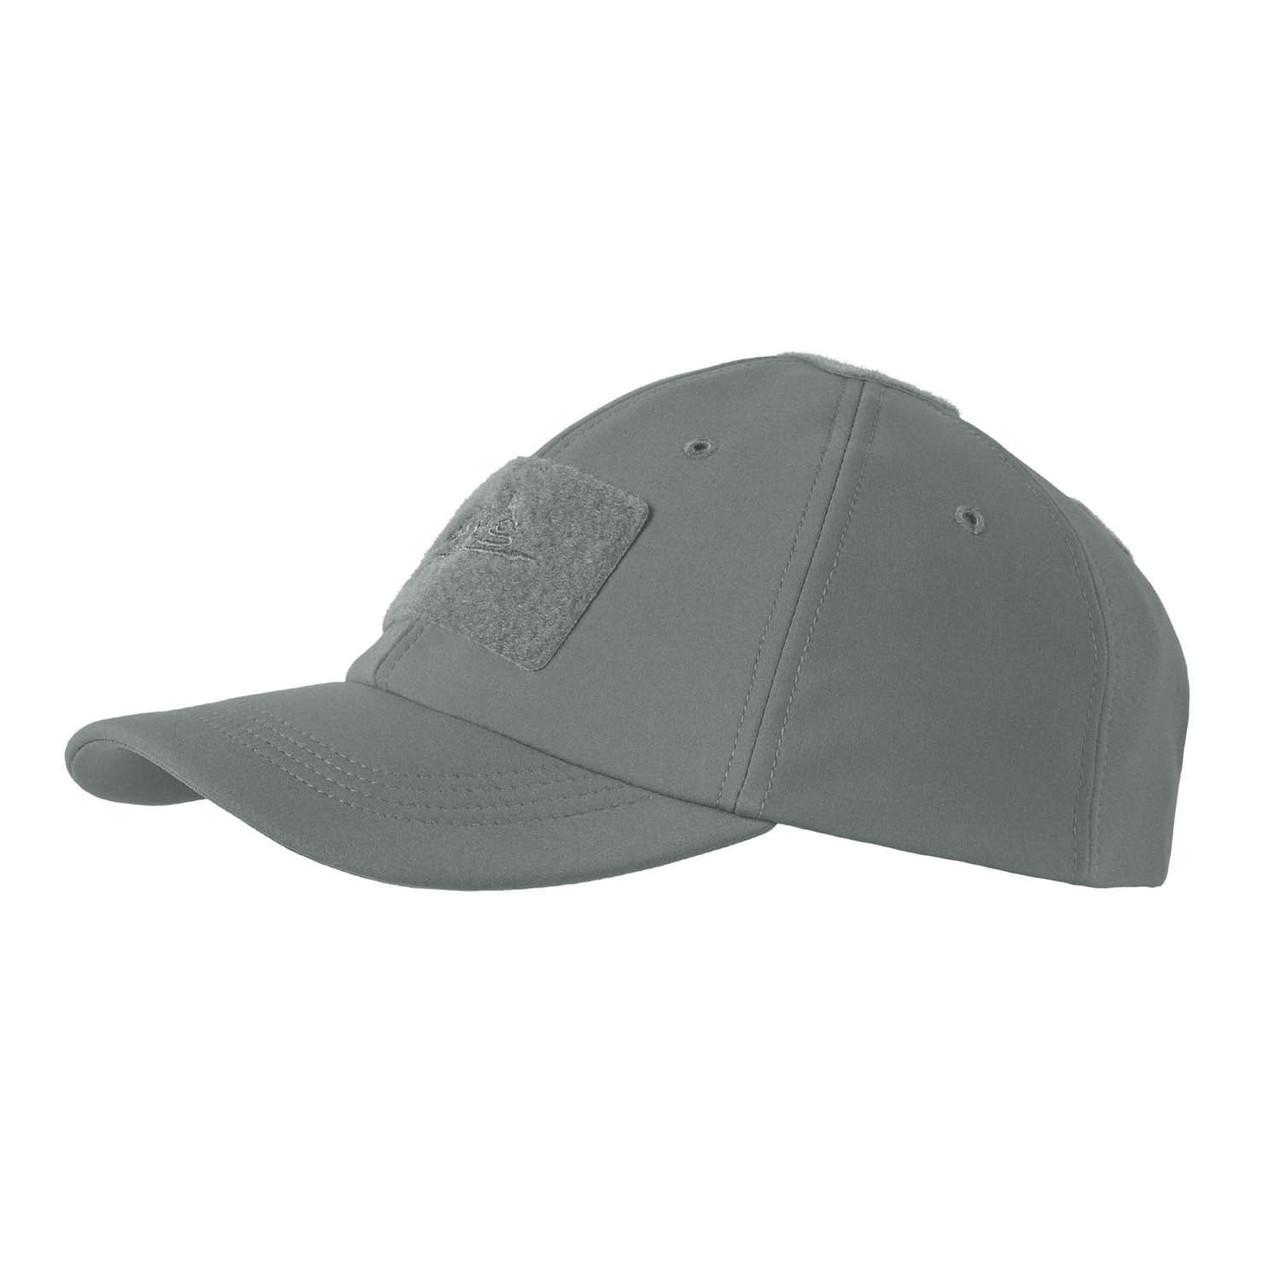 Тактическая бейсболка зимняя Helikon-Tex® Tactical Baseball Winter Cap - Foliage Green